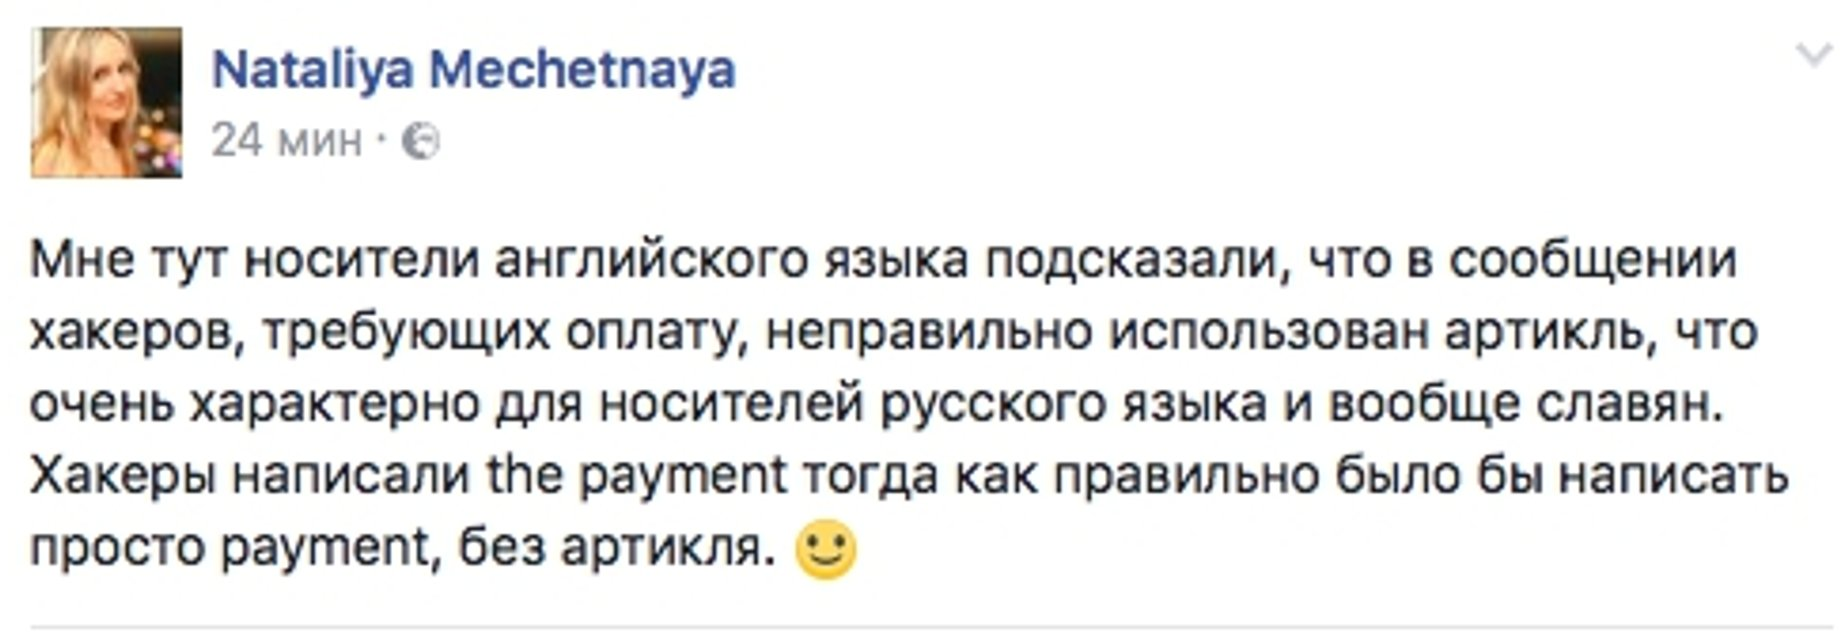 Что известно о вирусе Petya, который атаковал украинские компании и госорганы - фото 54490